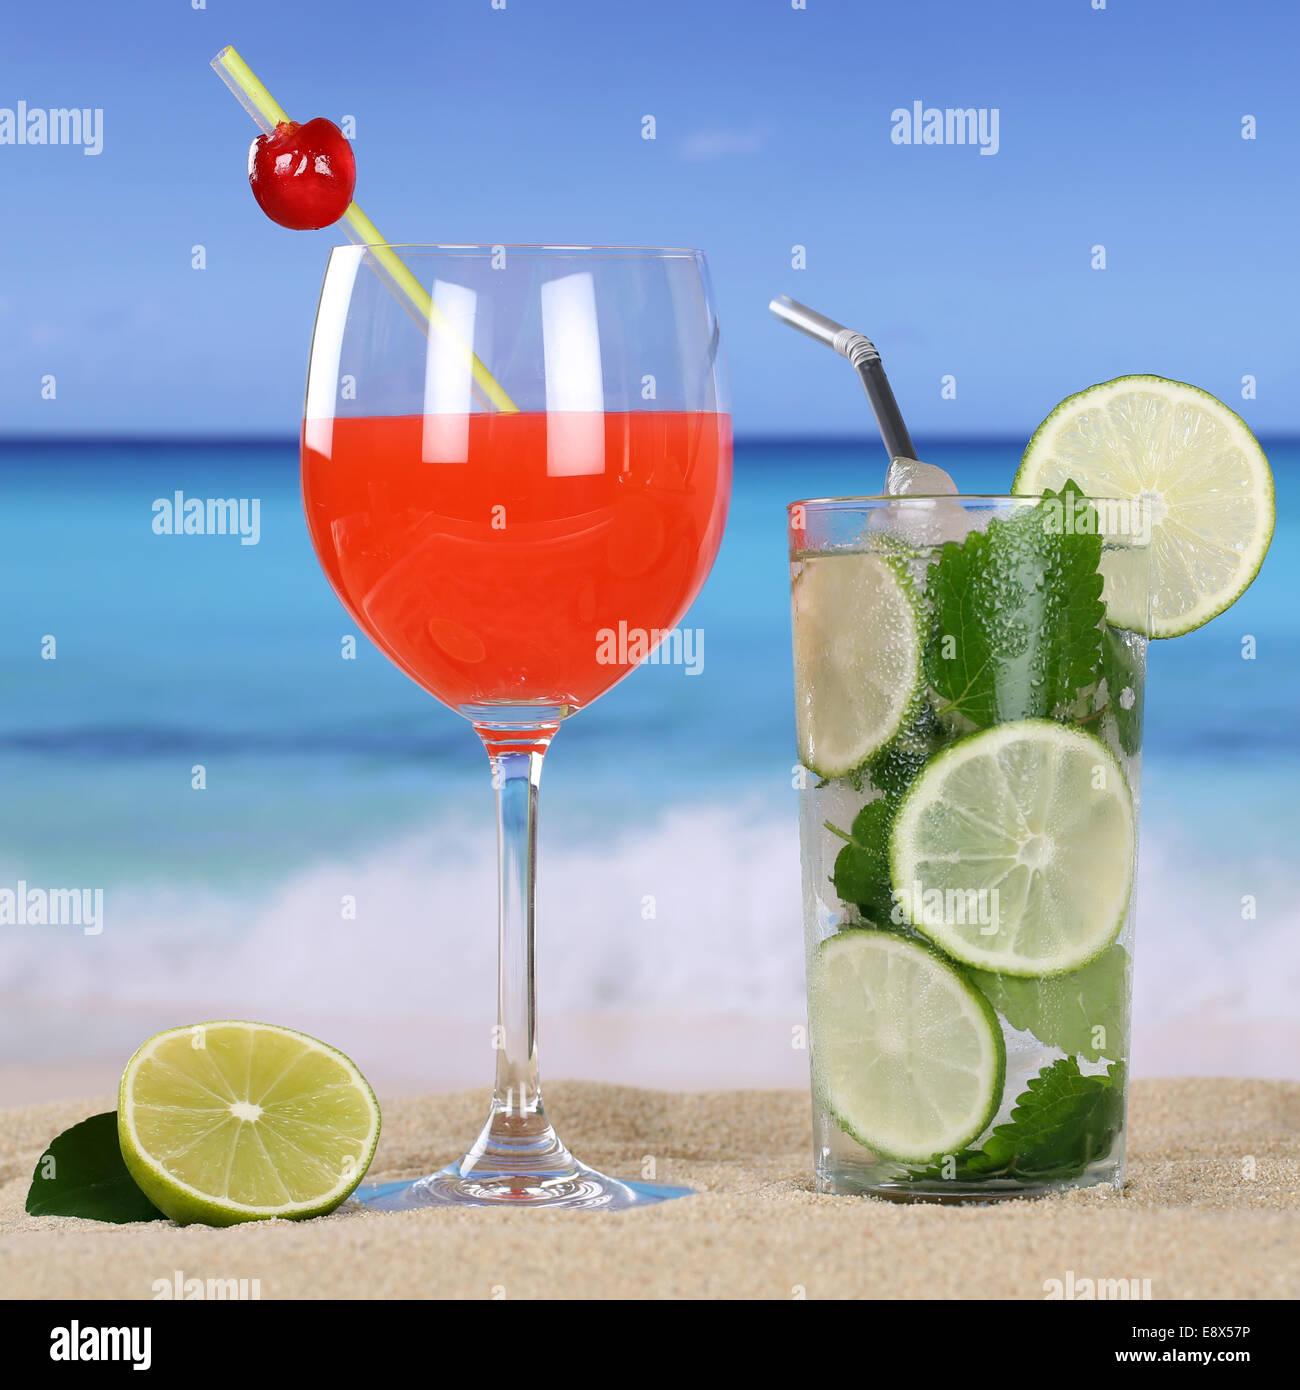 Cocktail e bevande fredde sulla spiaggia con sabbia e mare Immagini Stock